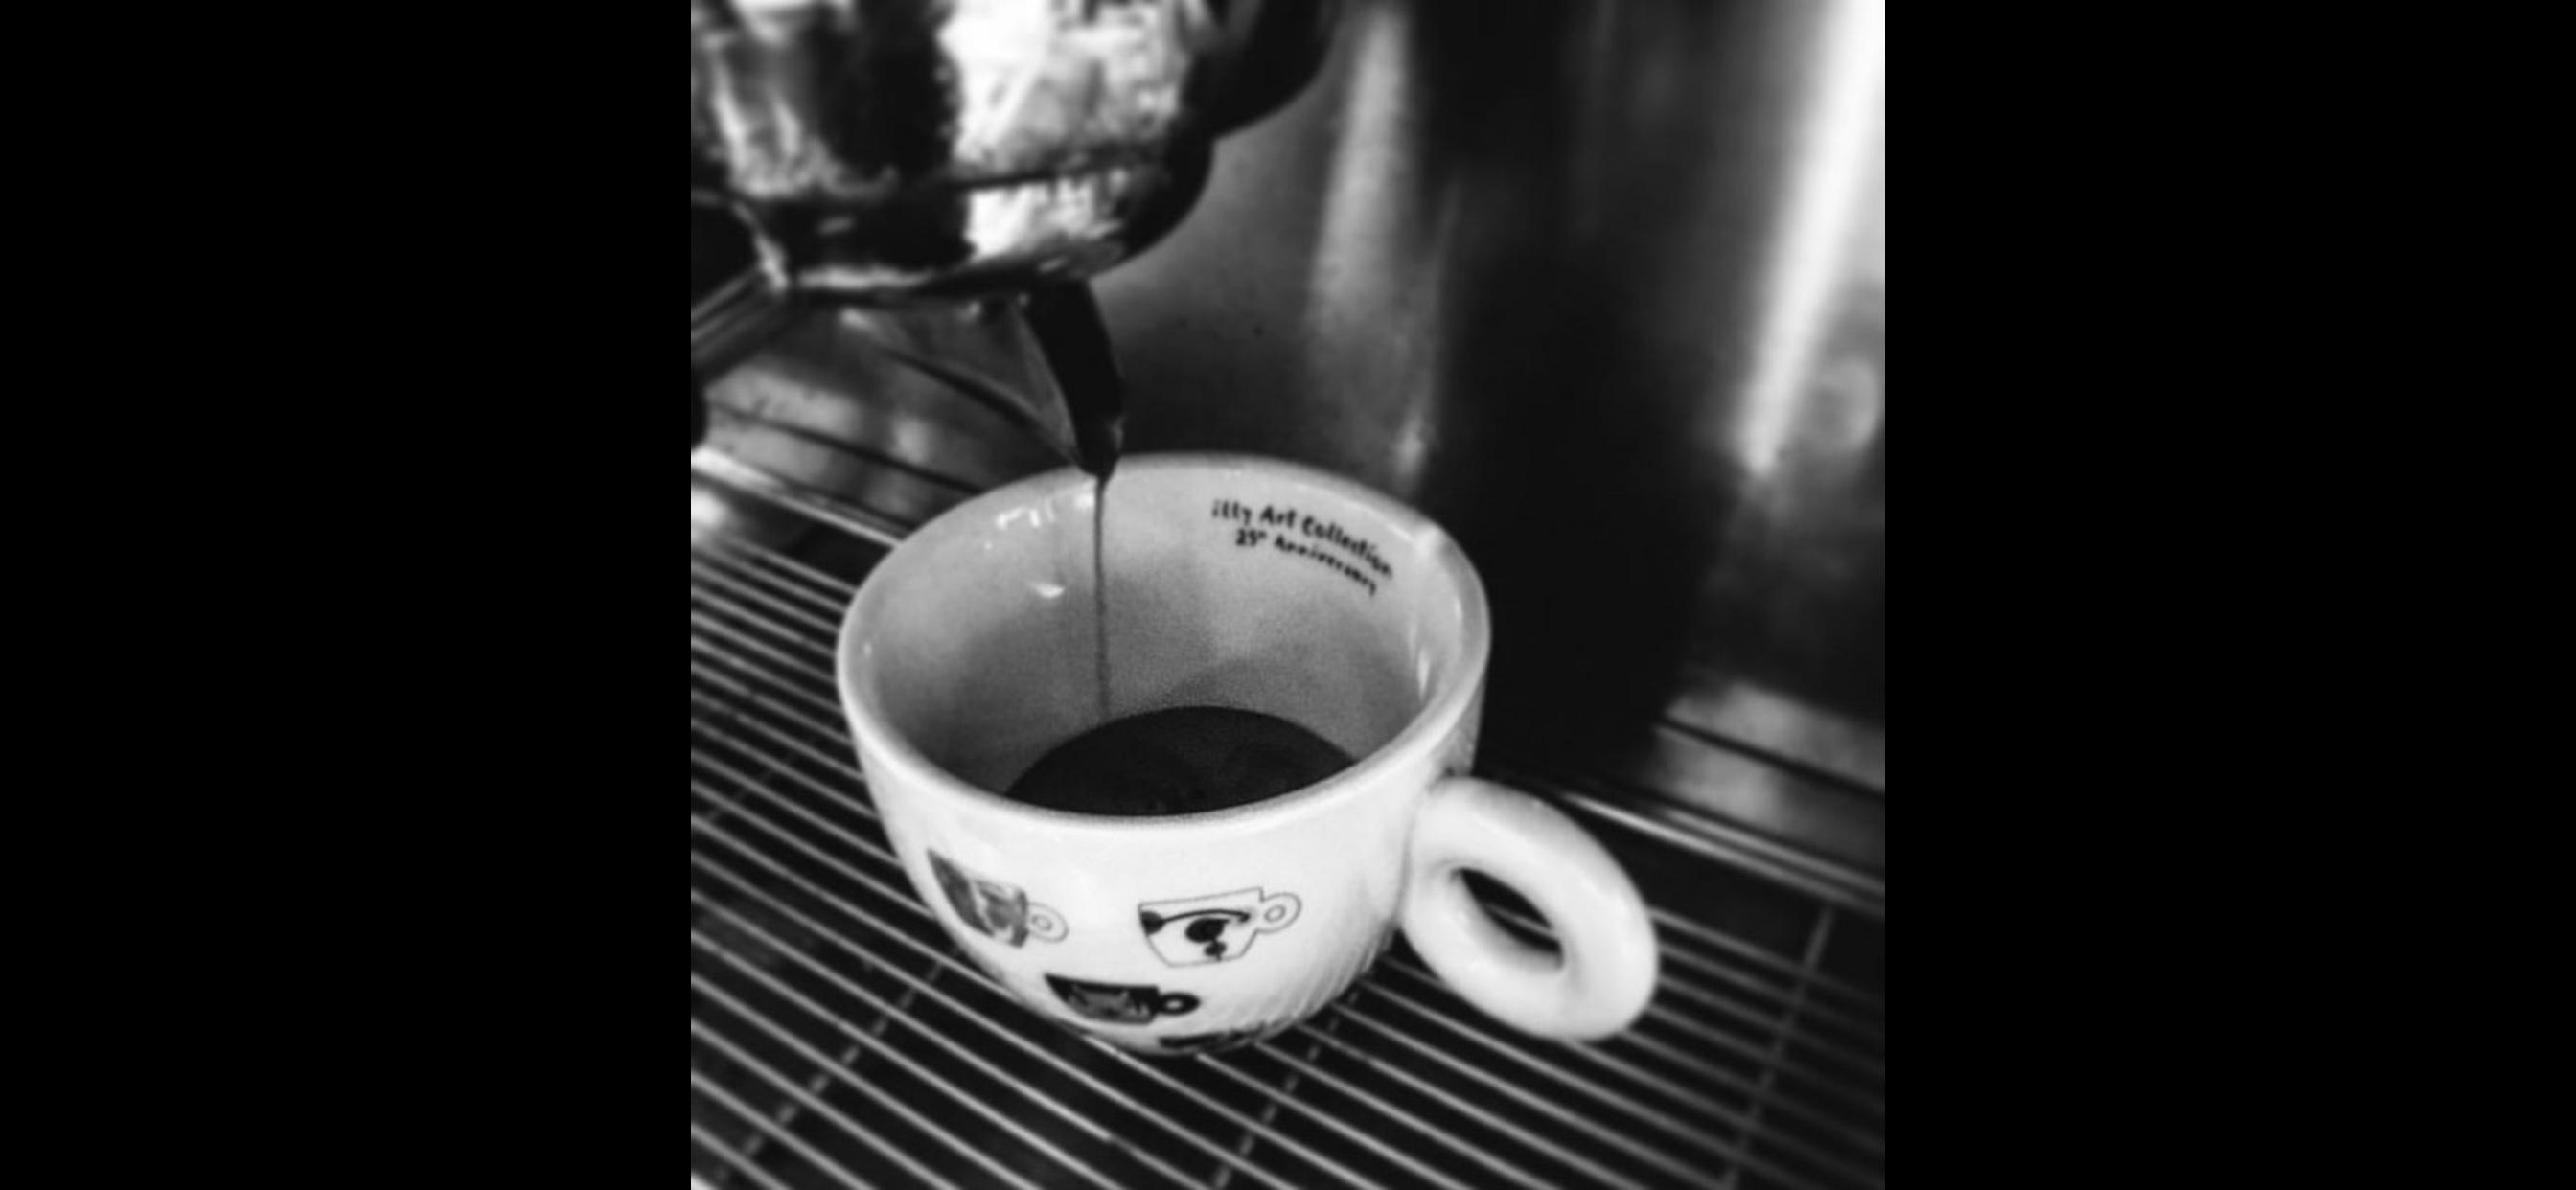 Espresso...! Natürlich von Illy!